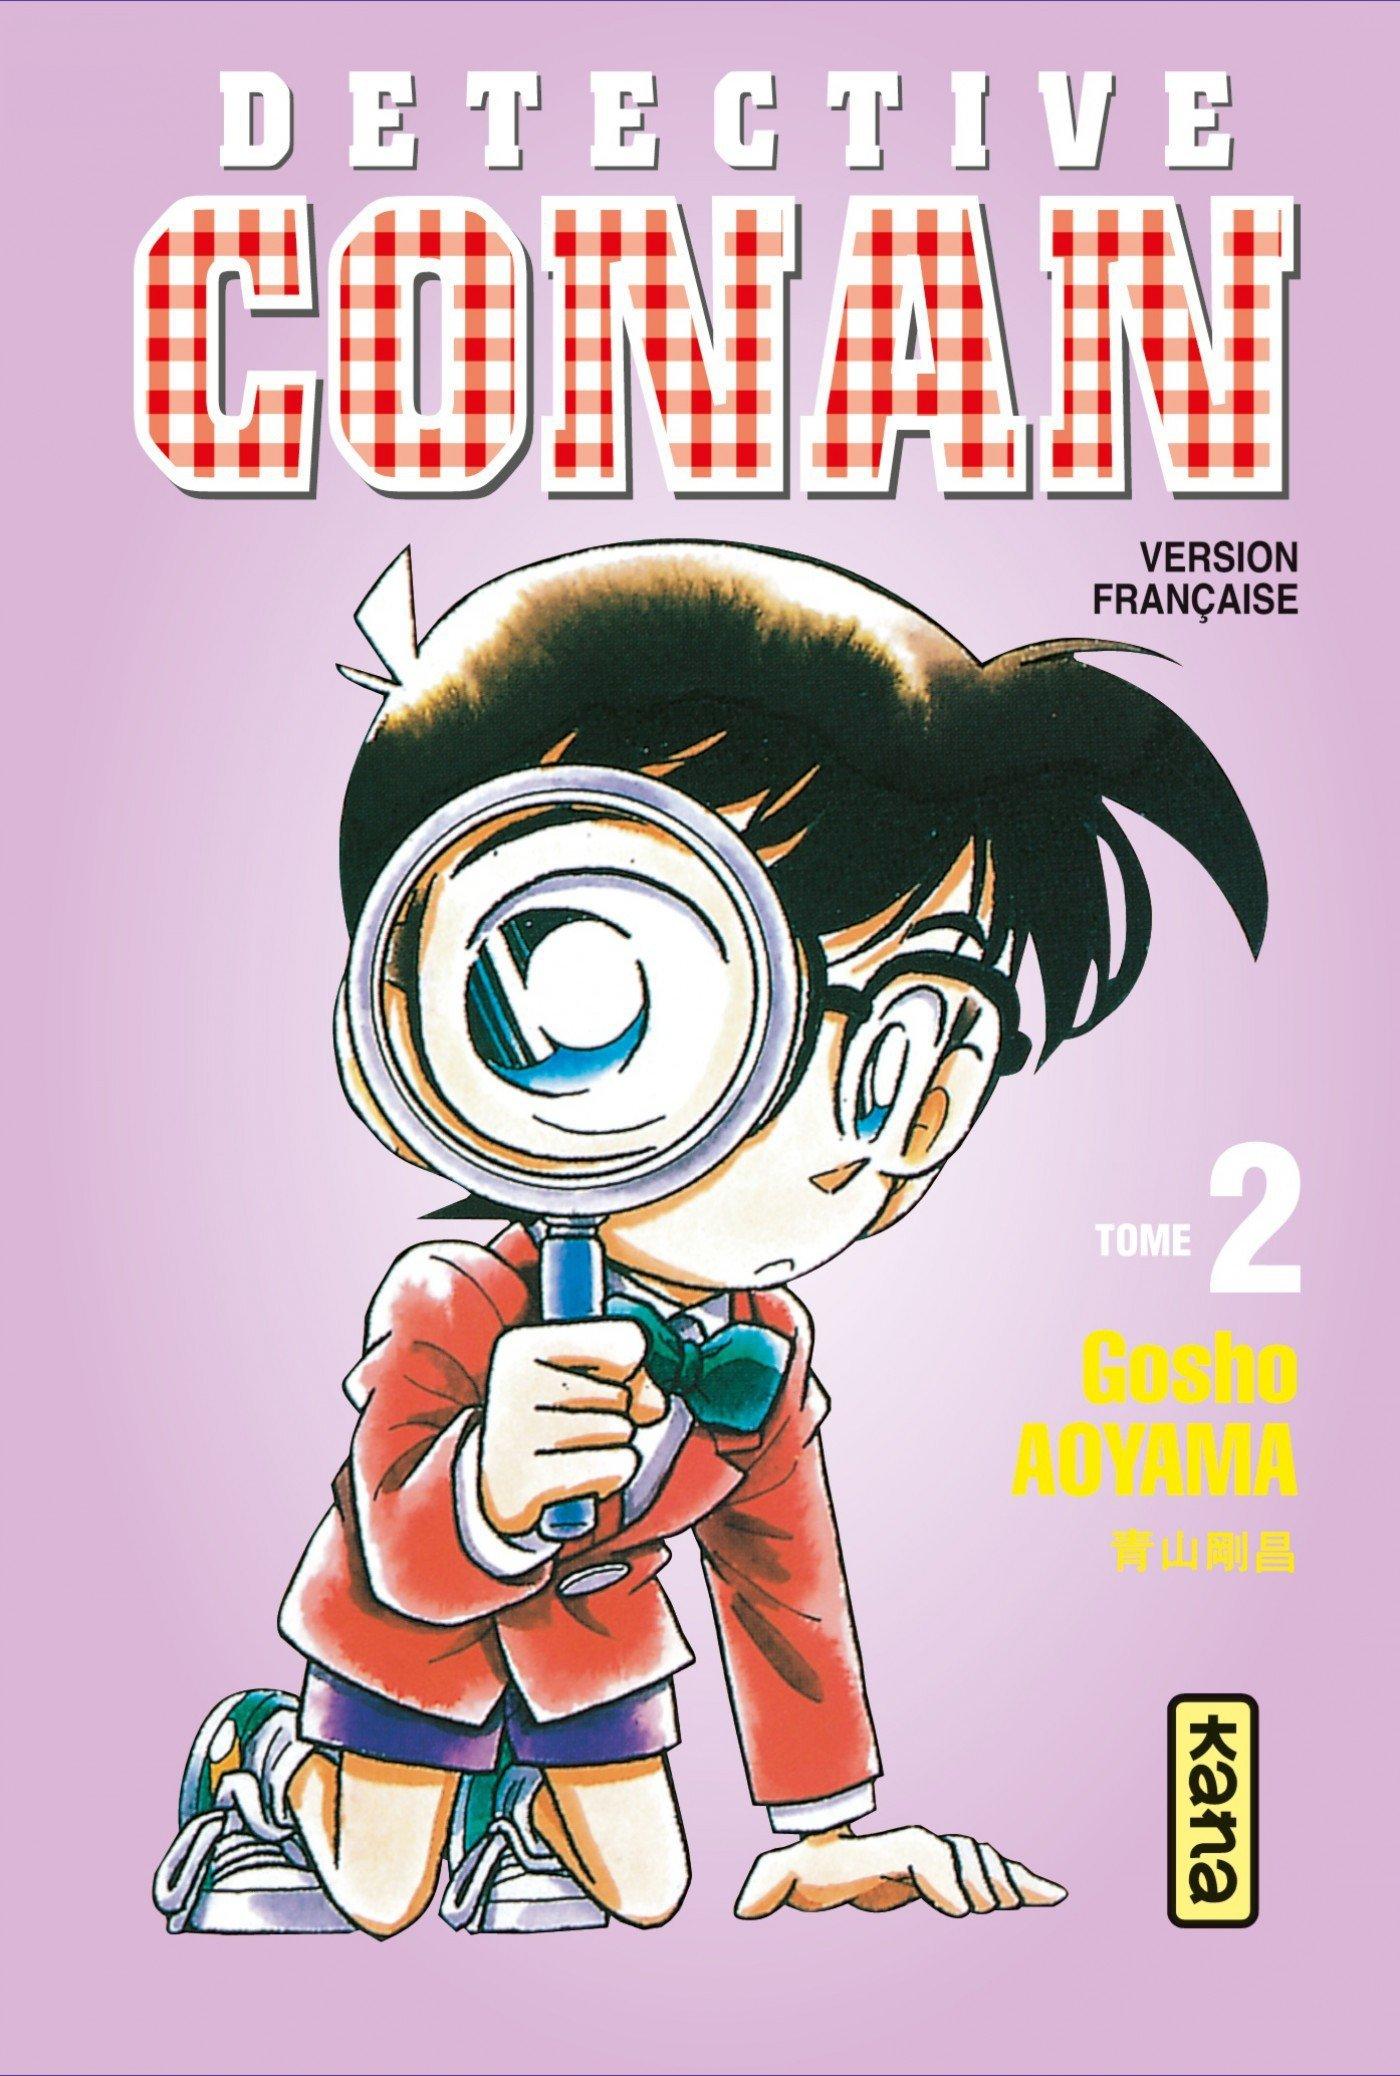 Détective Conan - Tome 2 por Gosho Aoyama